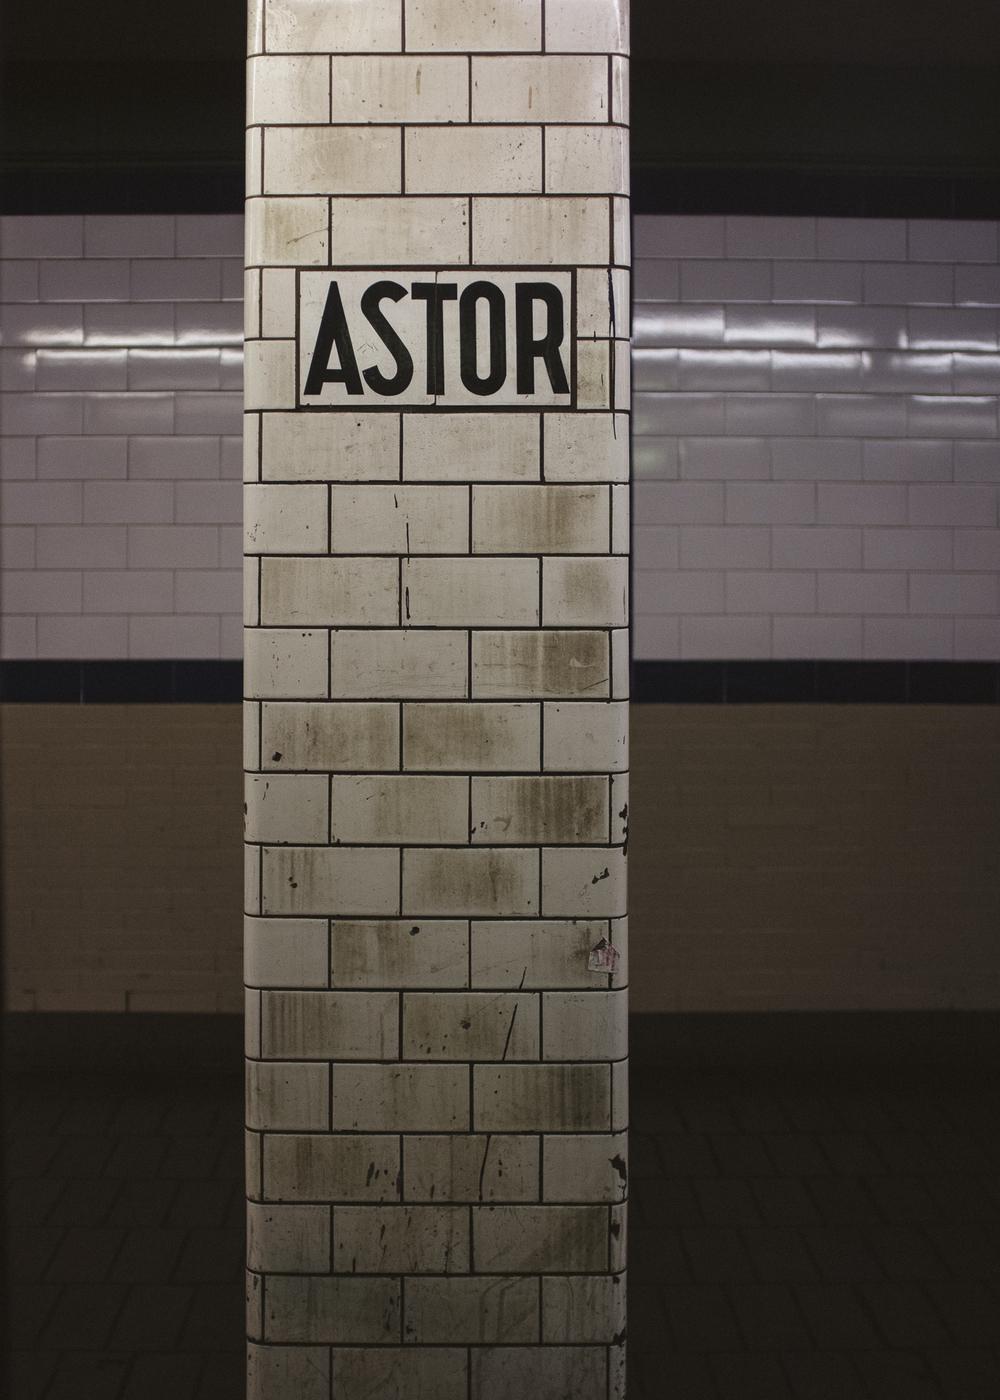 Astor Pl Station, East Village, Manhattan;September 2014